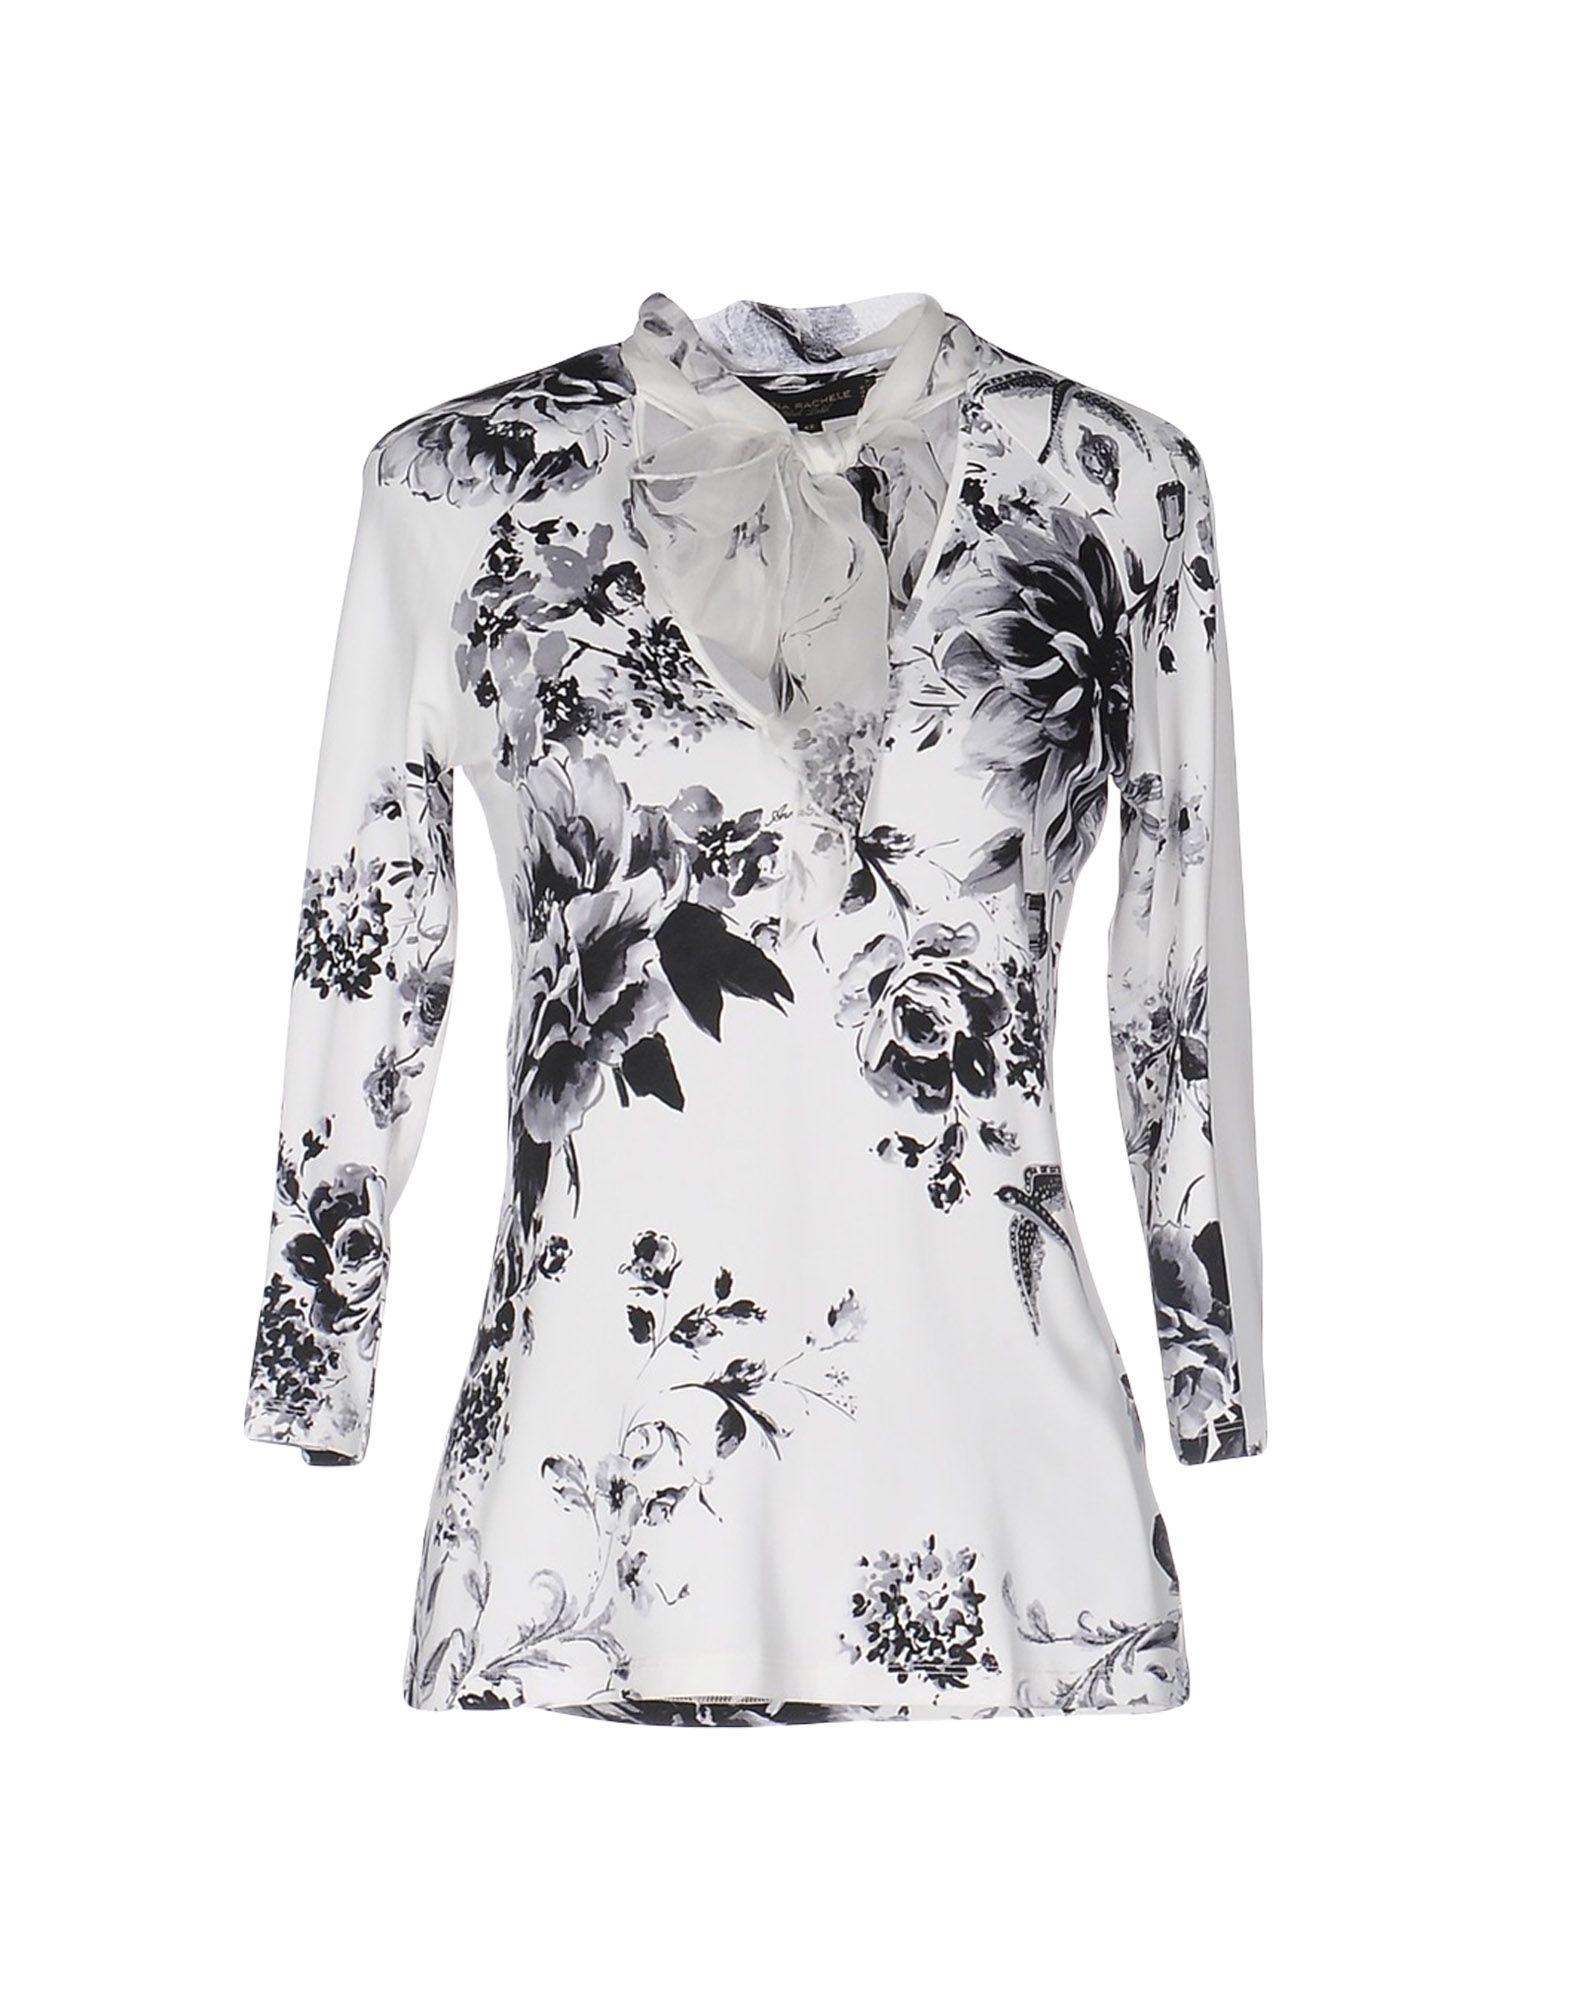 ANNA RACHELE BLACK LABEL Damen T-shirts Farbe Weiß Größe 4